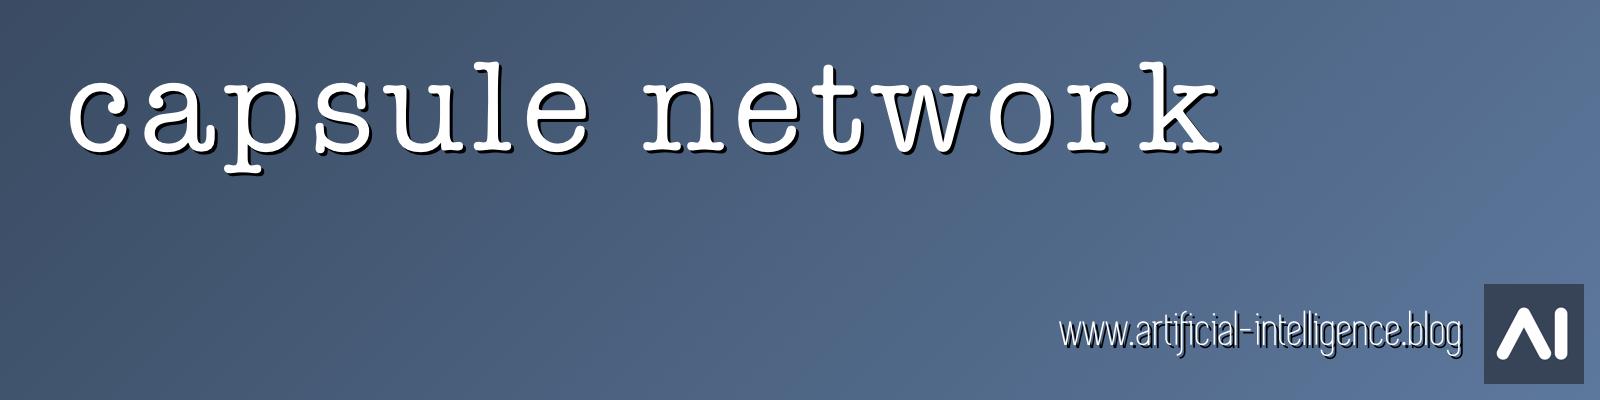 capsule-network.jpg